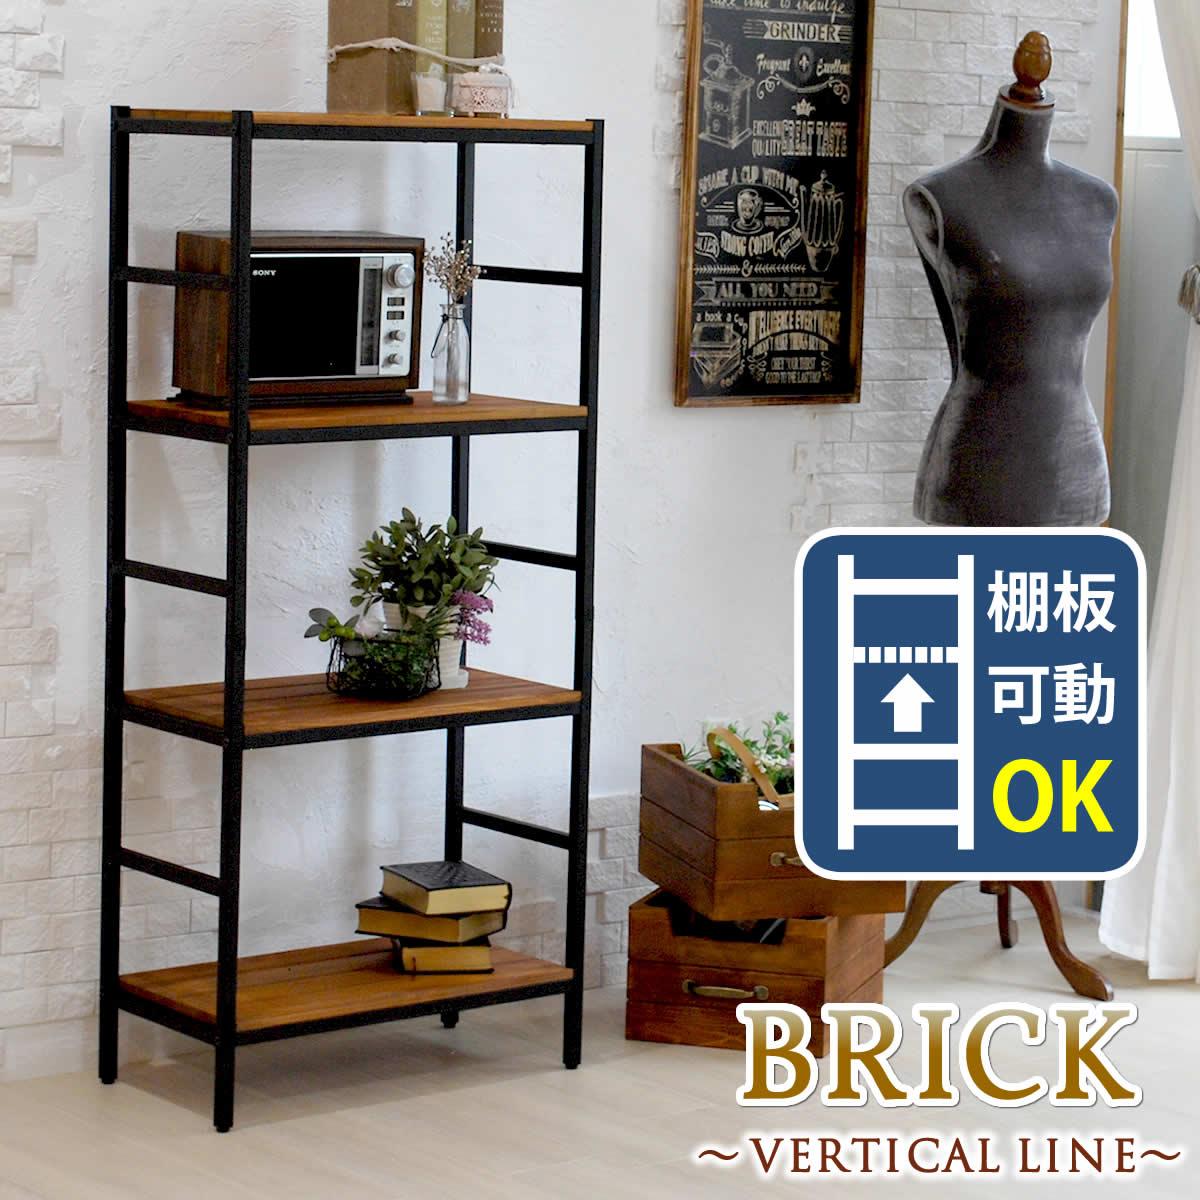 BRICK(ブリック) 4段タイプ 60×32×135 簡単組立 4段 アンティーク モダン ナチュラル オイル ミッドセンチュリー ウッド スタイリッシュ シンプル シェルフ ラック ハンガー インテリア 家具 天然 おしゃれ